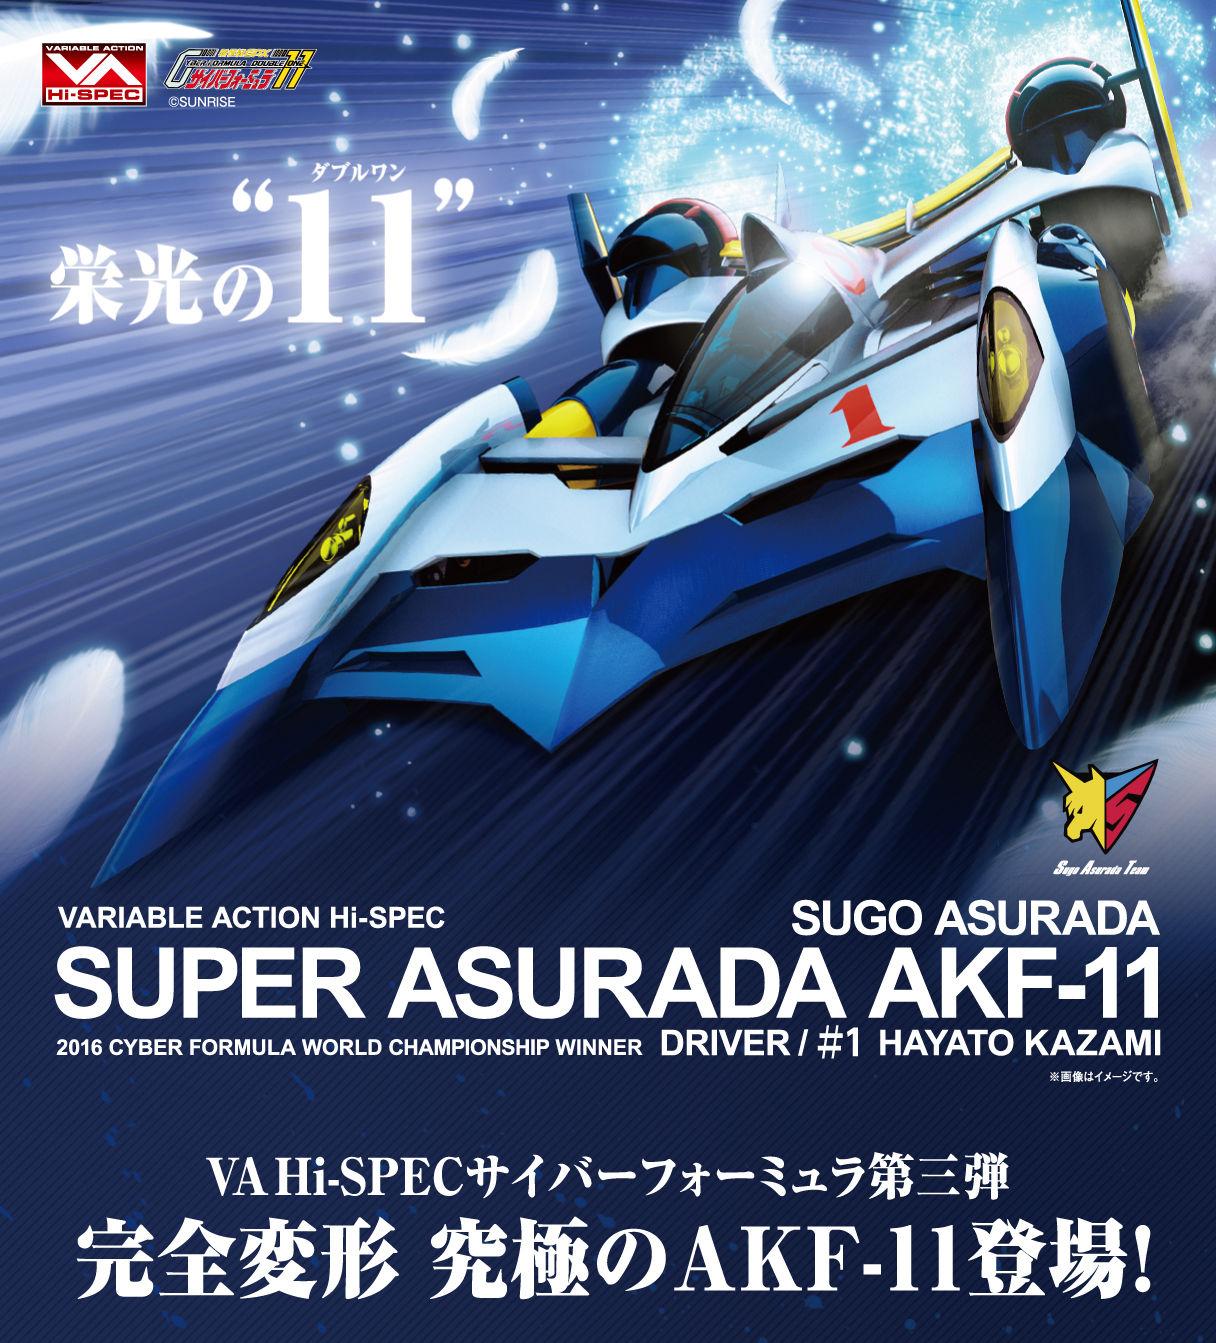 ヴァリアブルアクション Hi-SPEC『スーパーアスラーダ AKF-11』新世紀GPXサイバーフォーミュラ 1/18 可動モデル-010